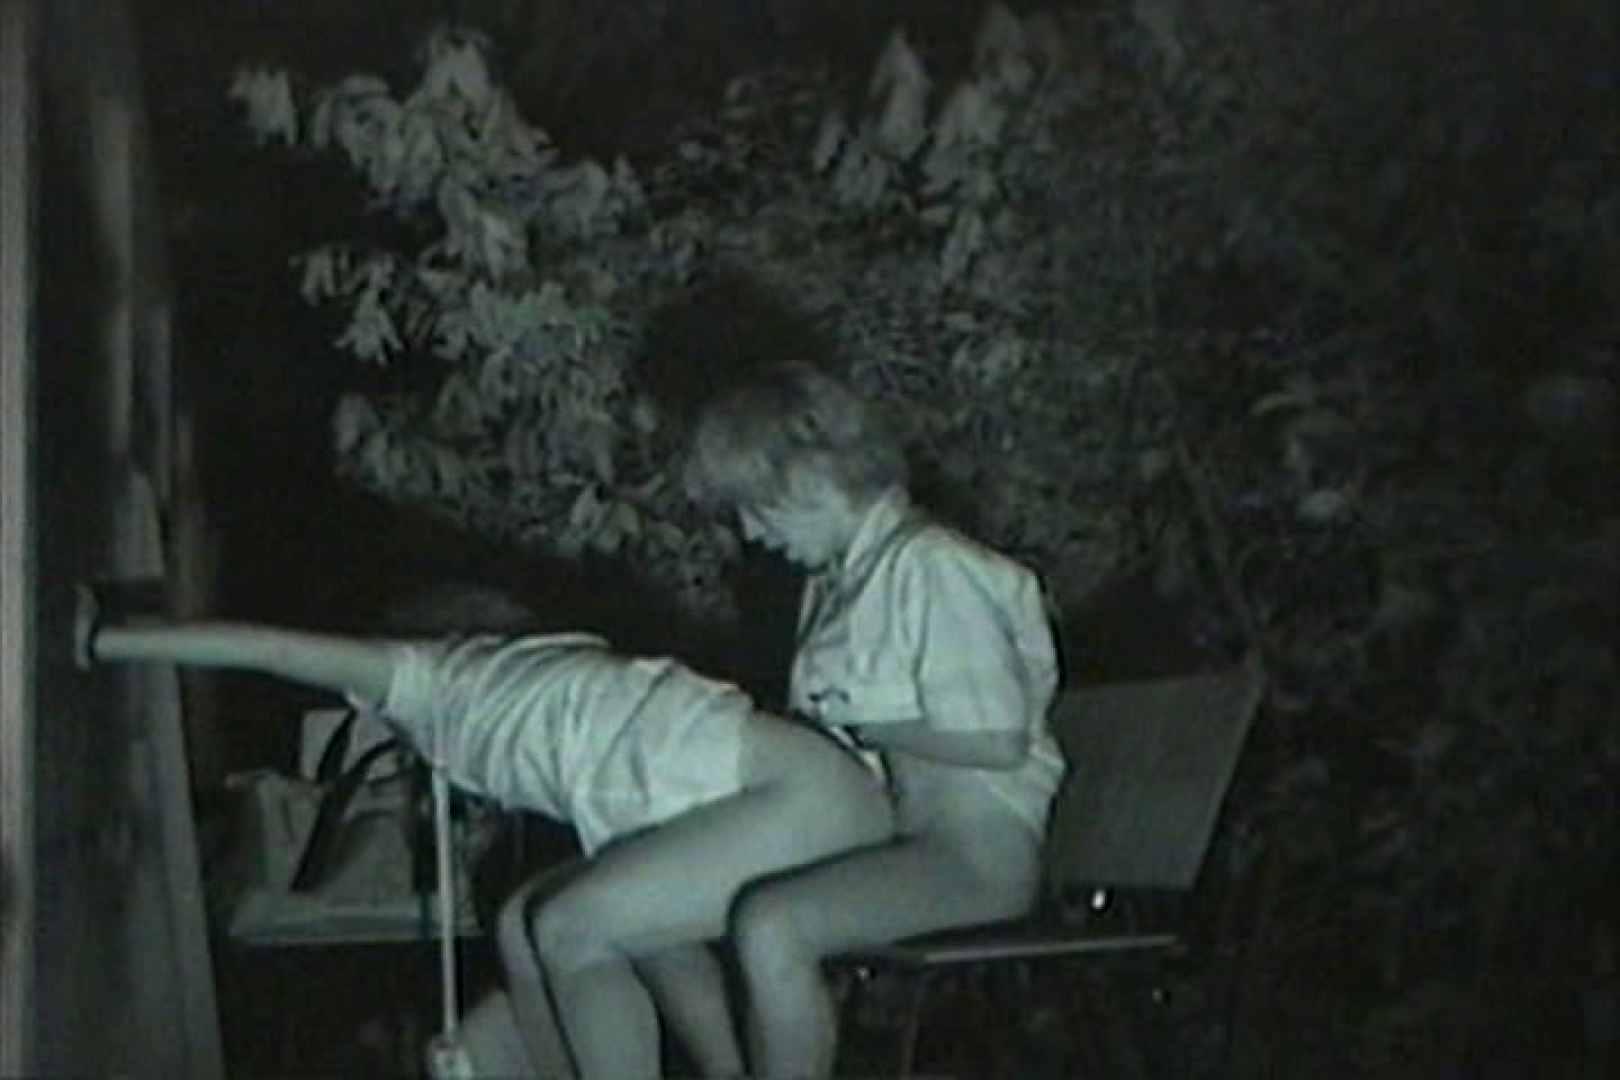 闇の仕掛け人 無修正版 Vol.24 ホテル隠し撮り 隠し撮りオマンコ動画紹介 101pic 83